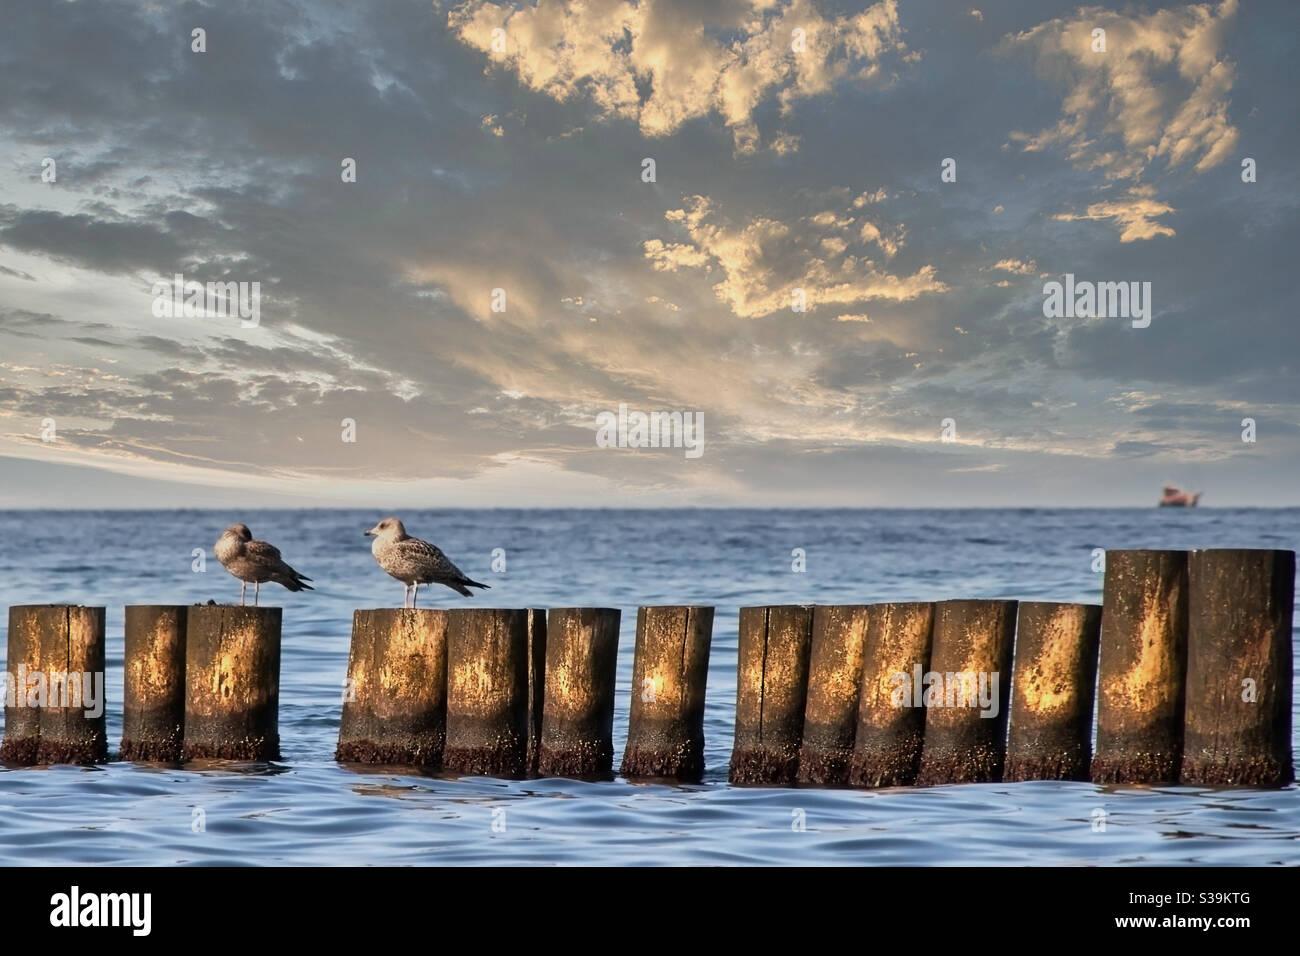 Zwei Möwen sitzen auf verwitterten Holzkisten davor Des Meeres mit einem unscharfen Segelschiff in der Hintergrund Stockfoto